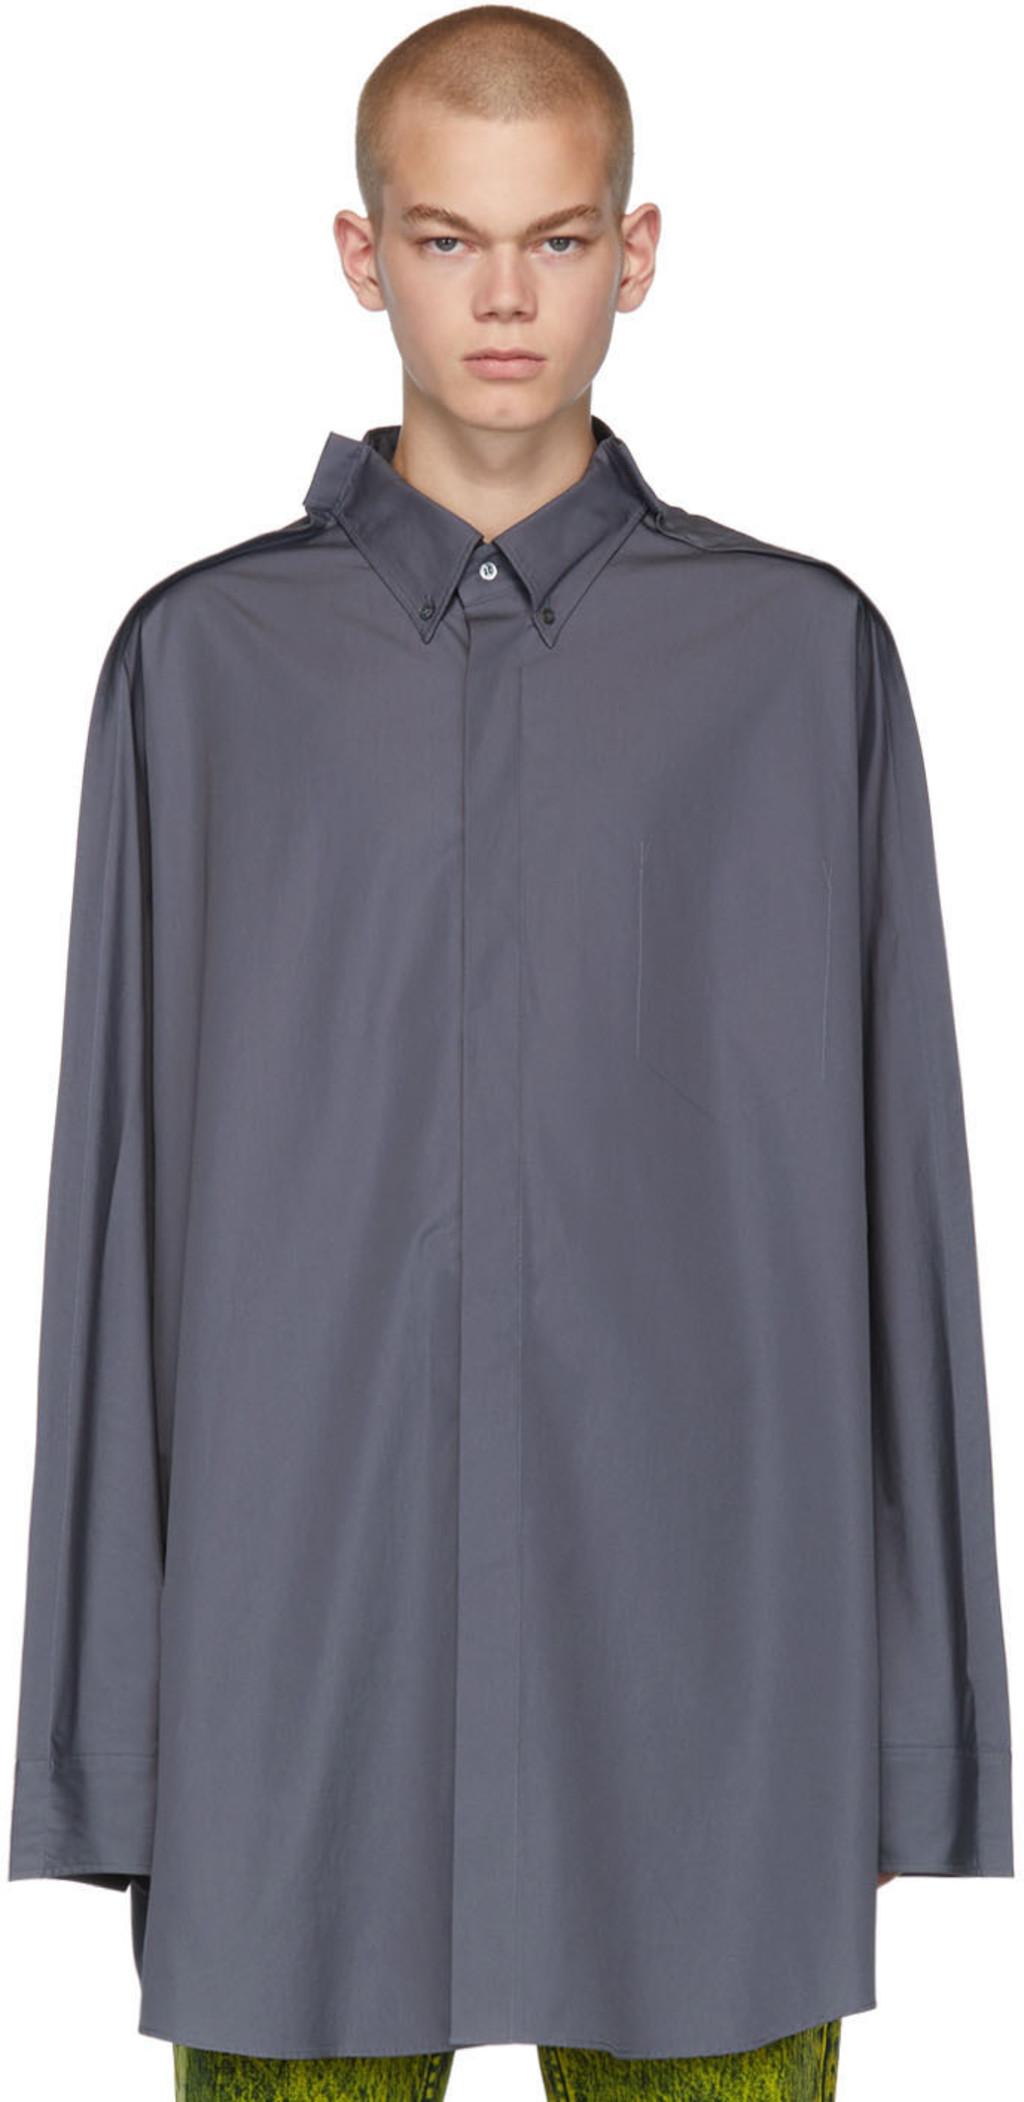 e86744f1b Blue Outline Shirt